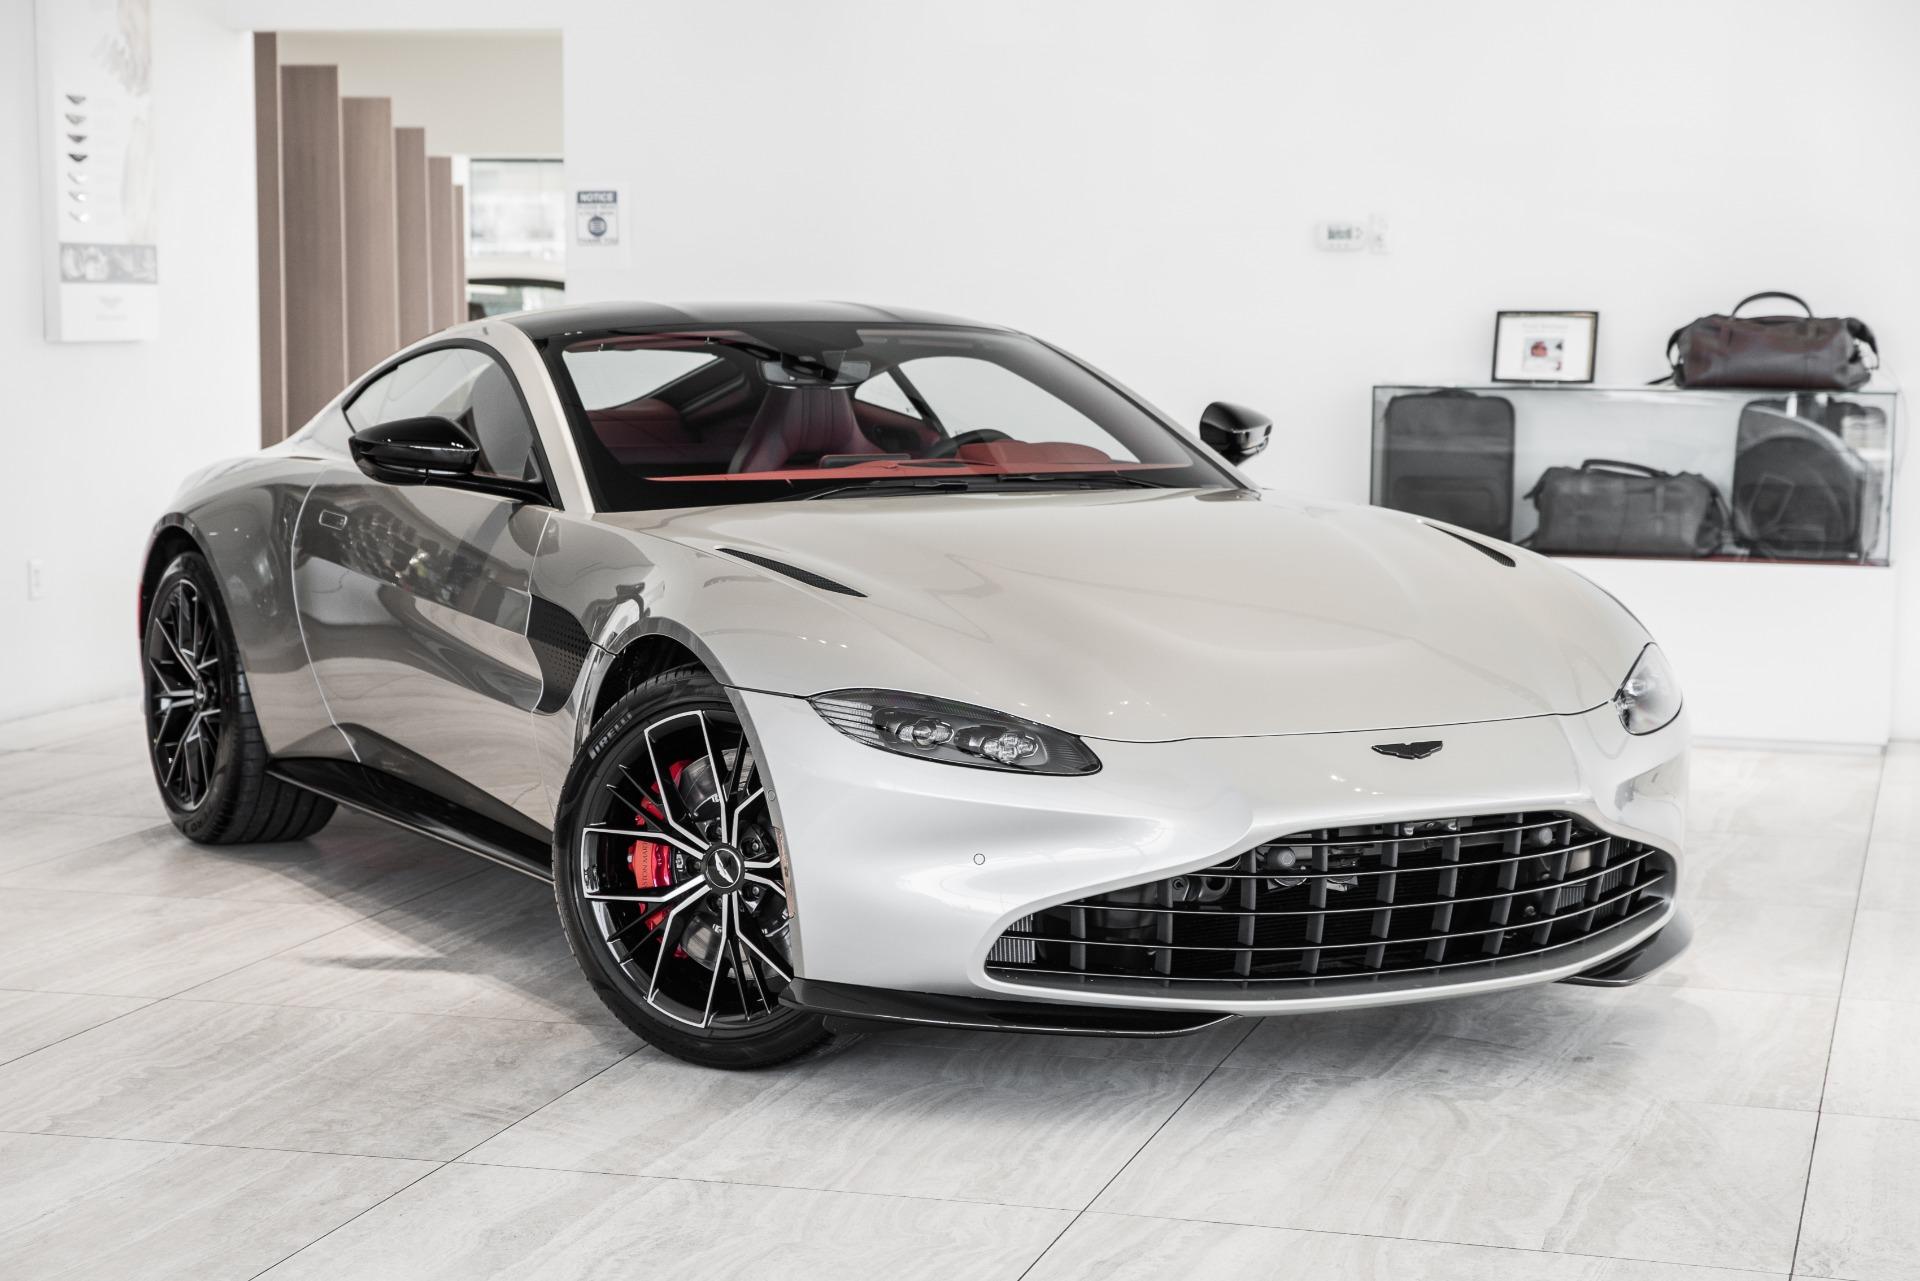 2021 Aston Martin Vantage Stock 21nn05374 For Sale Near Vienna Va Va Aston Martin Dealer